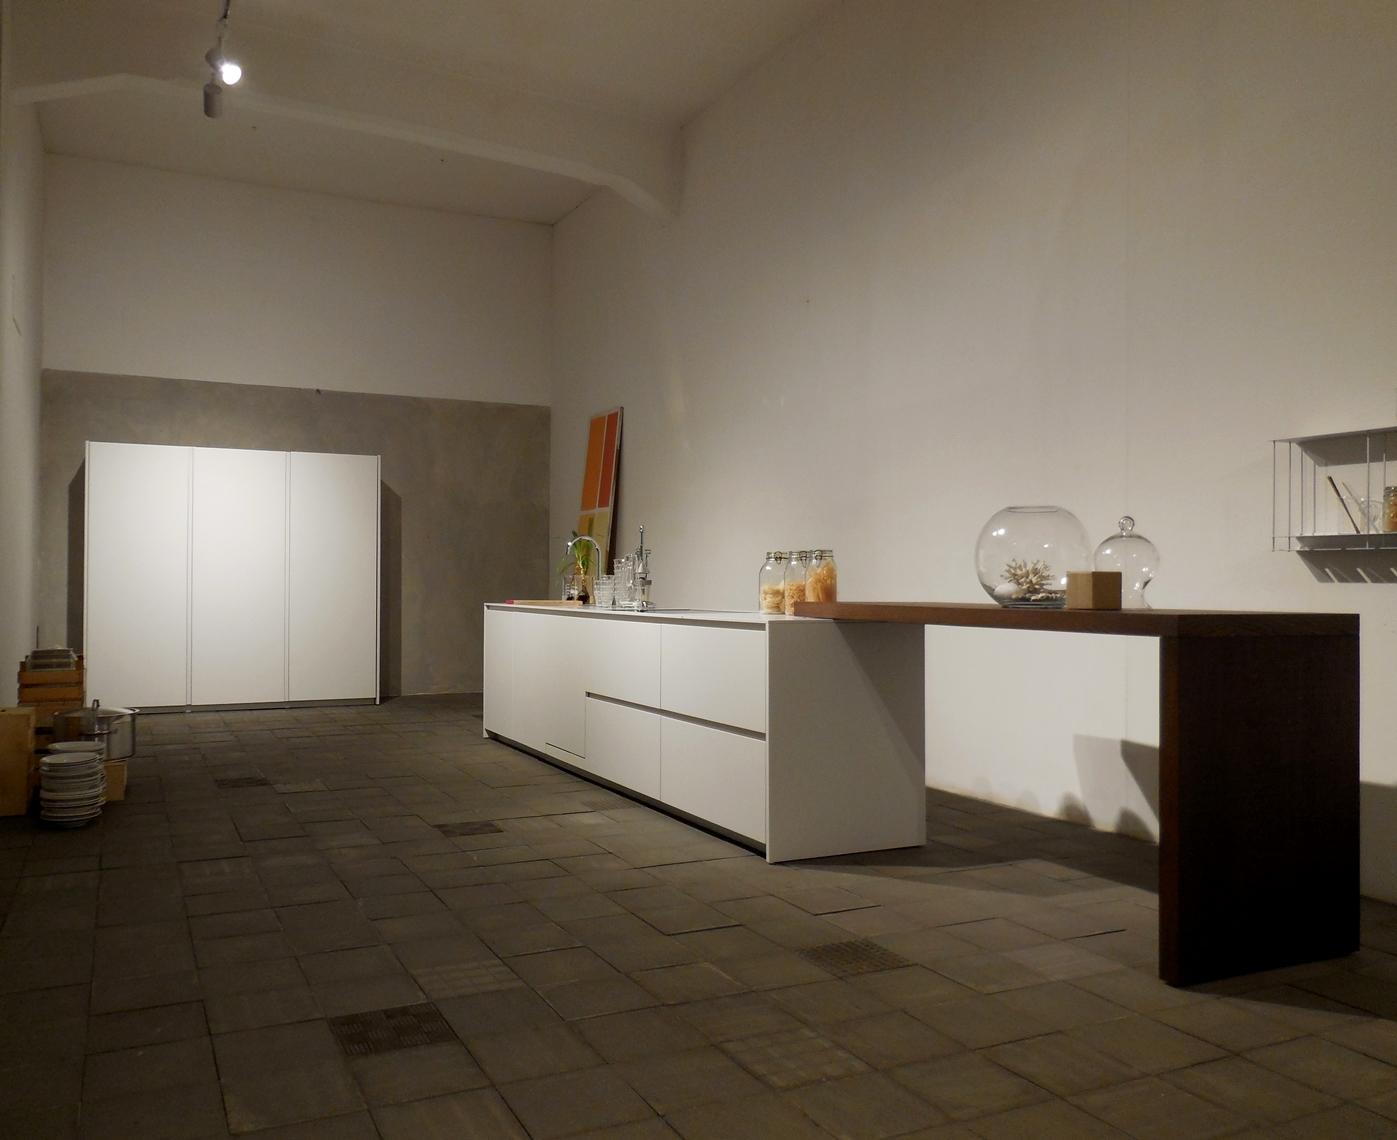 Design vasche decorazione bagno da - Lavabo cucina ikea ...